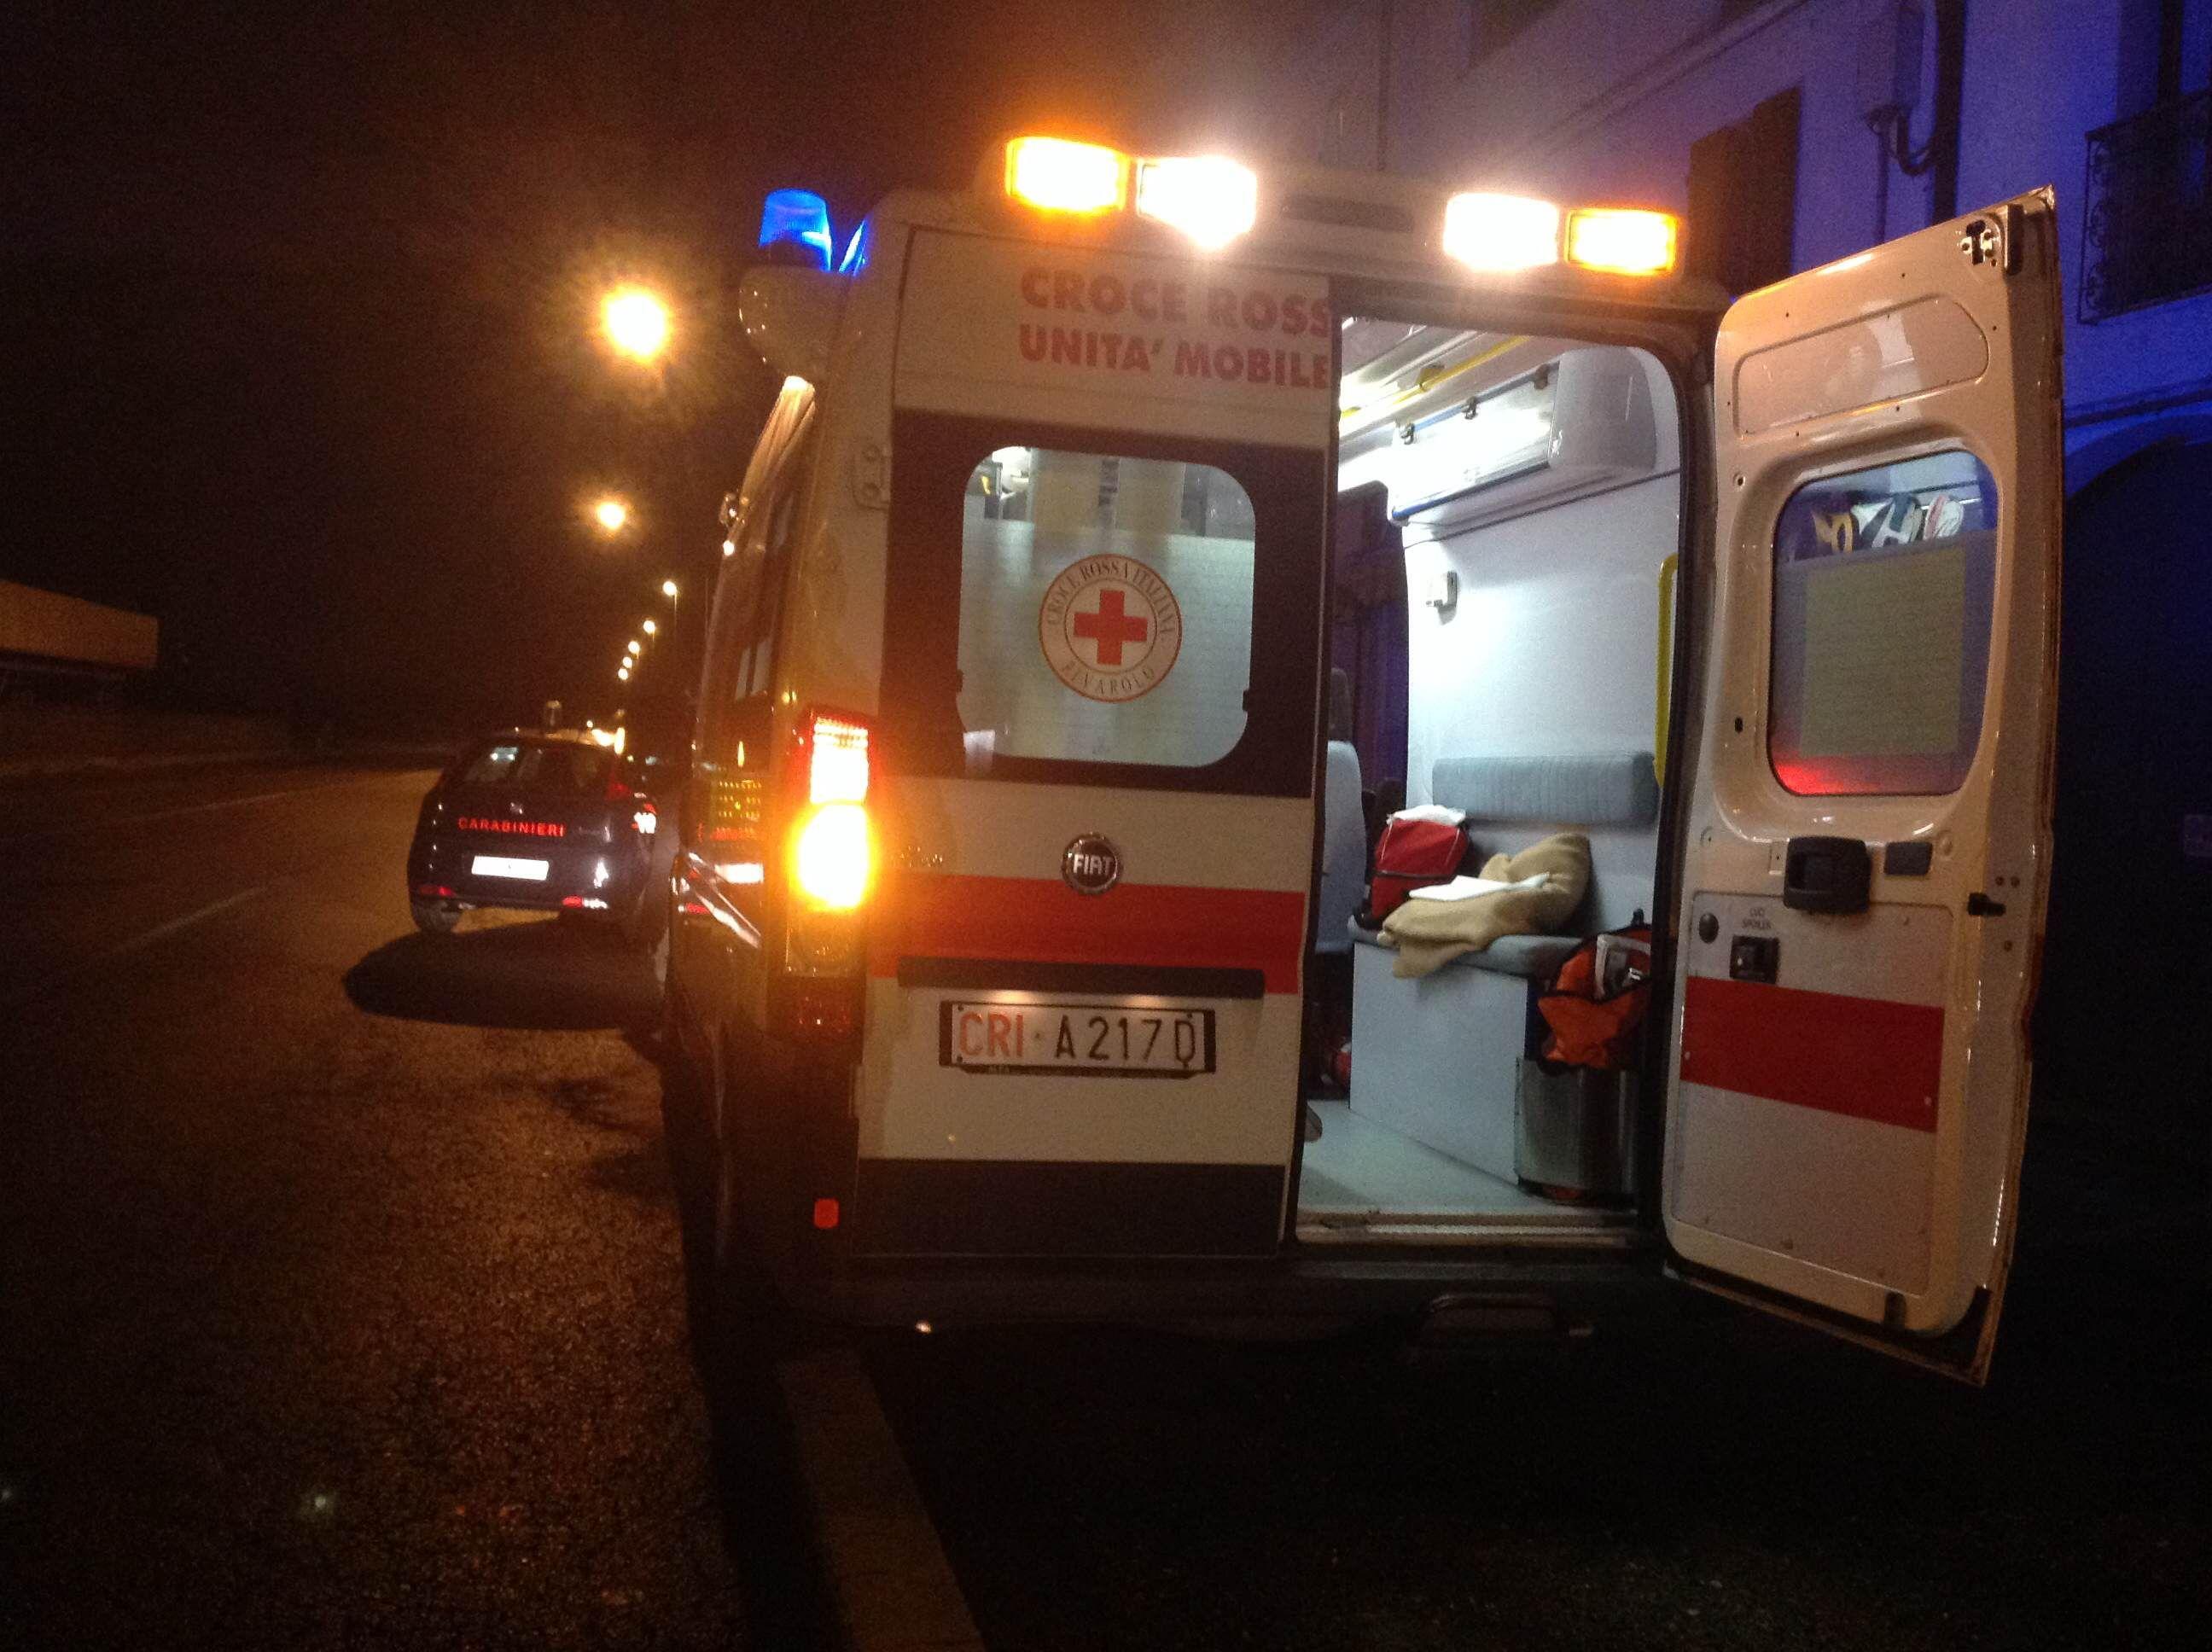 BORGIALLO - Cade un grosso vaso dal balcone di casa, pensionato ferito finisce in ospedale